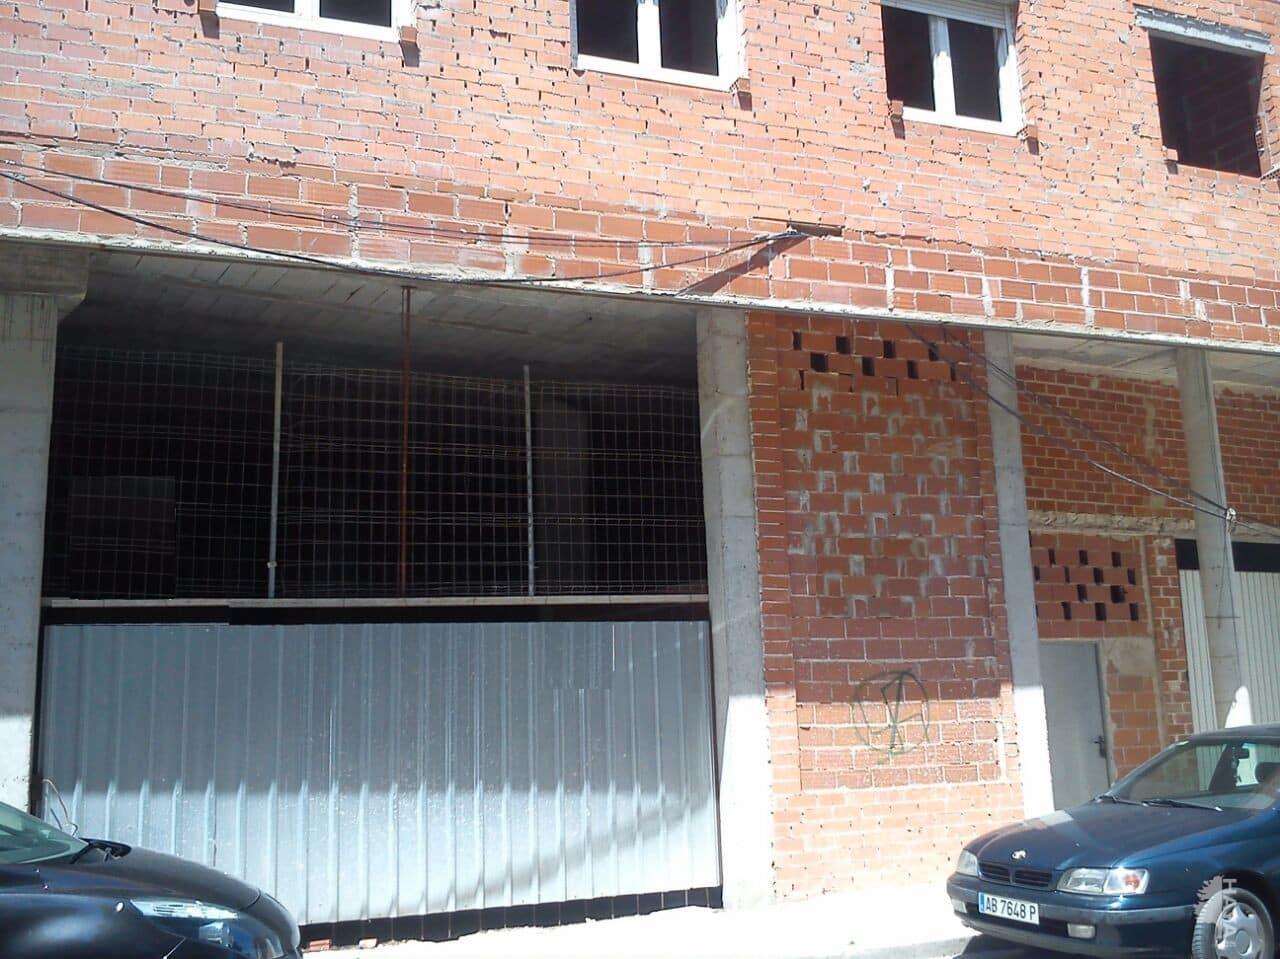 Piso en venta en La Roda, Albacete, Calle Juan Garcia Glz, 41.100 €, 1 habitación, 1 baño, 101 m2